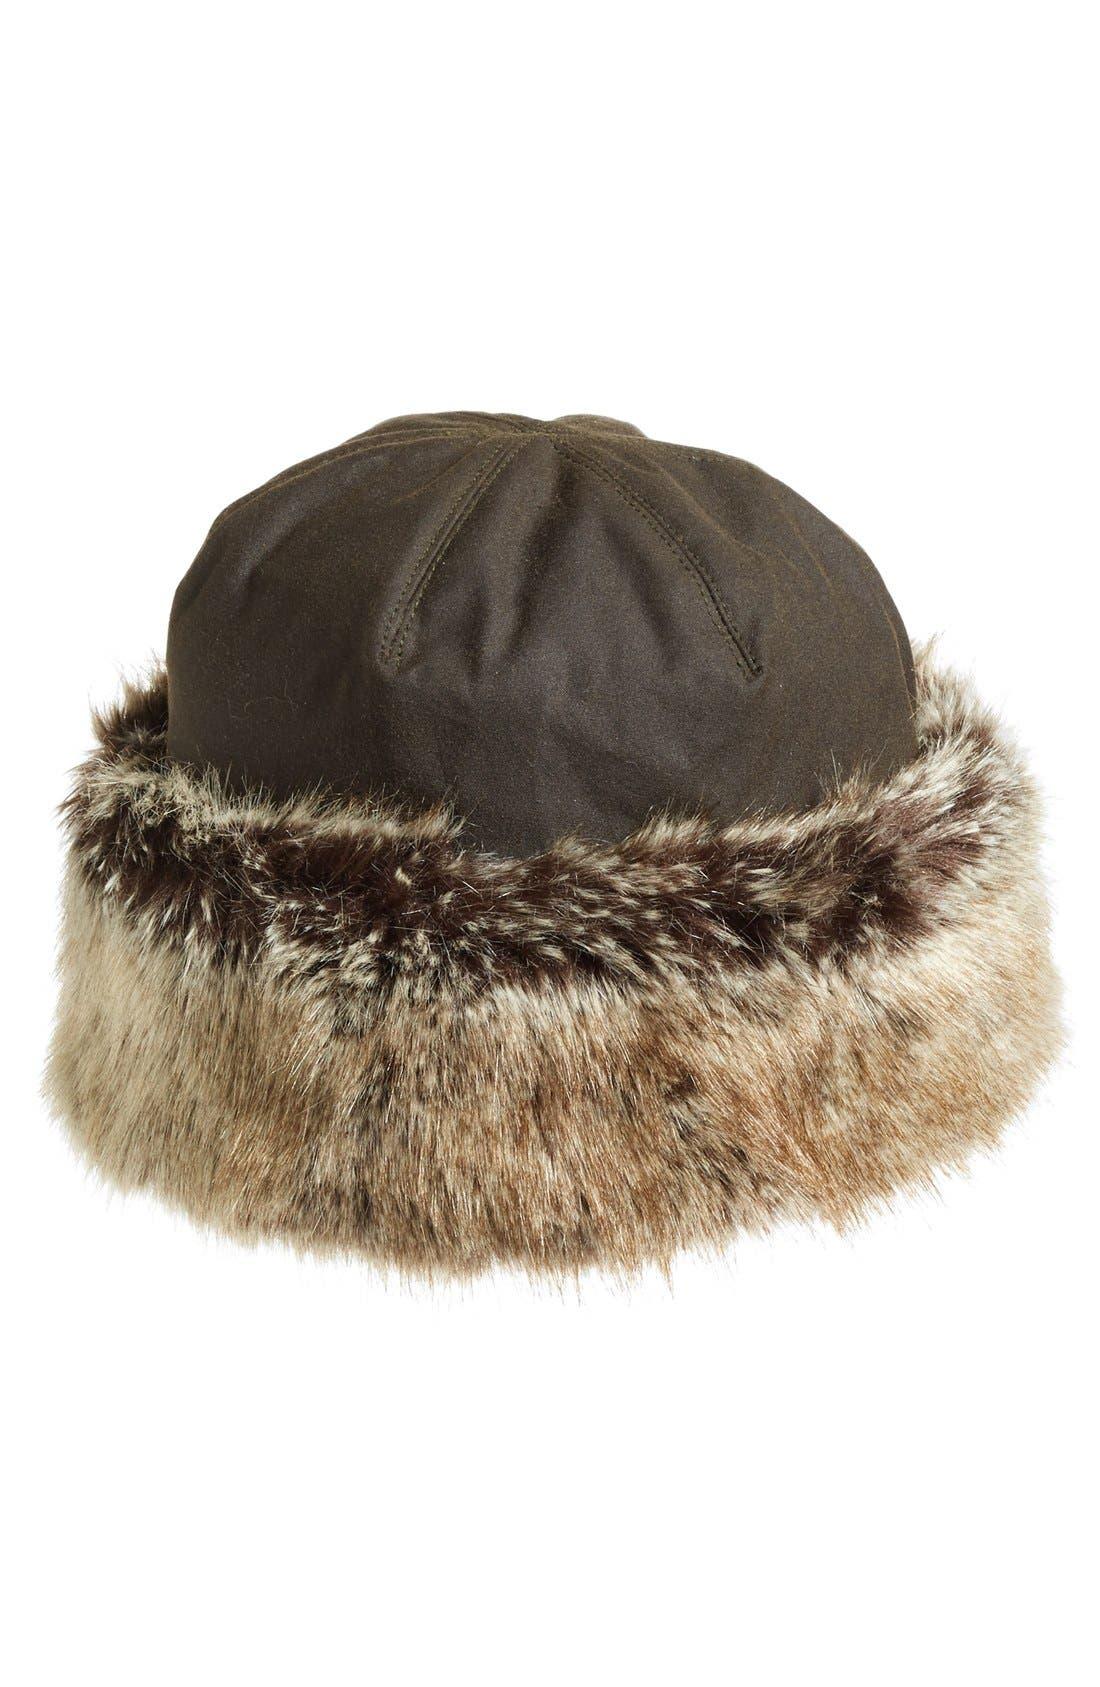 'Ambush' Waxed Cotton Hat with Faux Fur Trim,                         Main,                         color, Olive